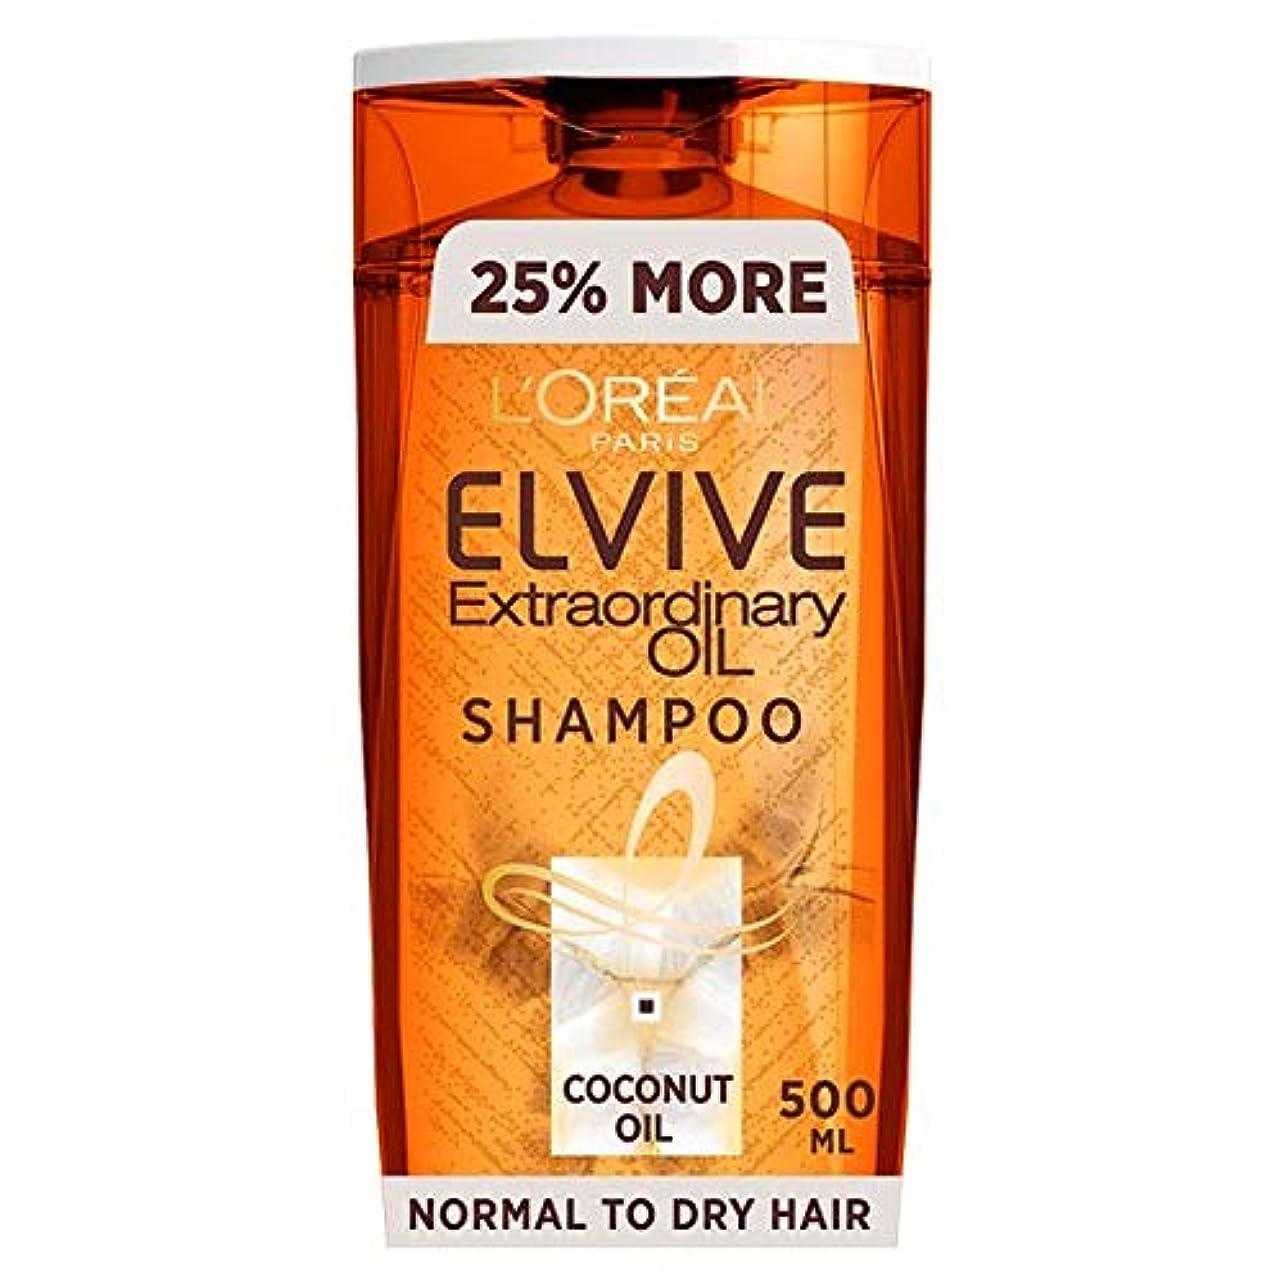 仲間普通のアトラス[Elvive] ロレアルElvive臨時ヤシ油シャンプー500ミリリットル - L'oreal Elvive Extraordinary Coconut Oil Shampoo 500Ml [並行輸入品]